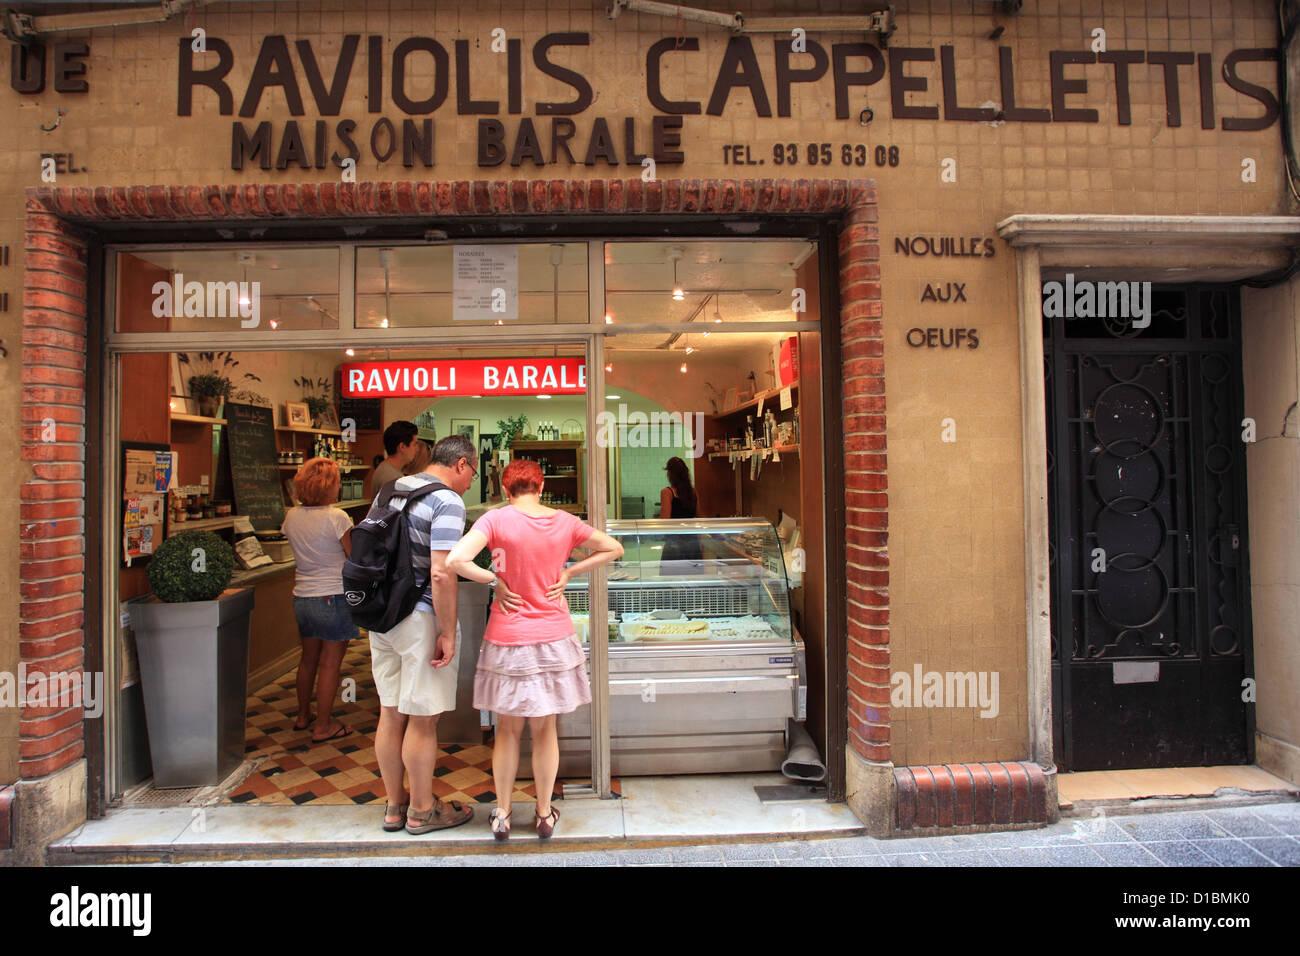 Barale shop es el mejor vendedor ravioles en el casco antiguo de la ciudad de Niza. Foto de stock